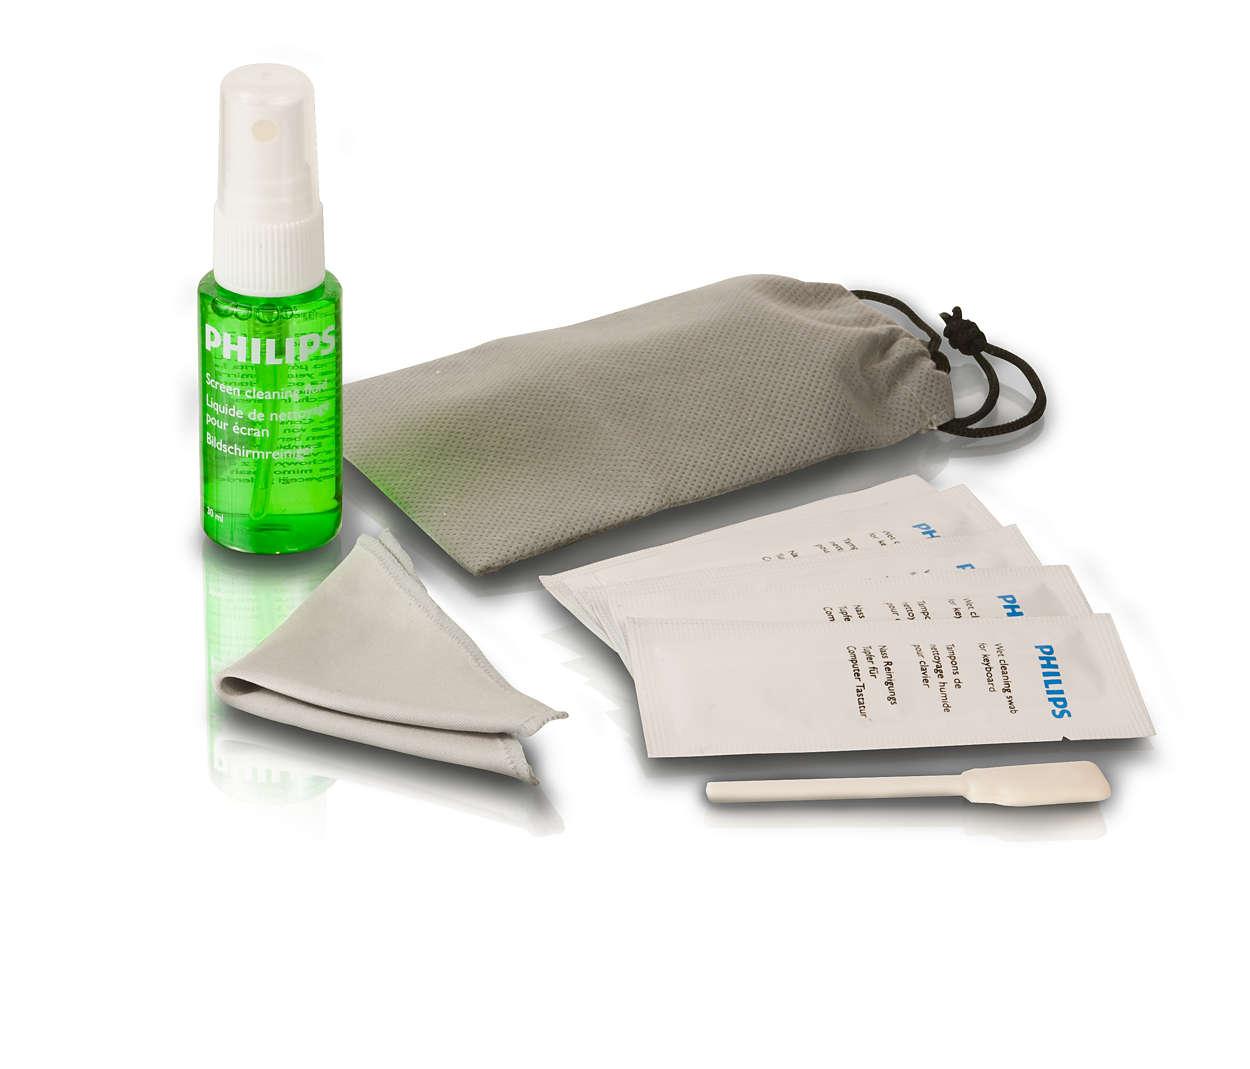 Bezpečně vyčistí obrazovky laptopů nebo mobilních zařízení